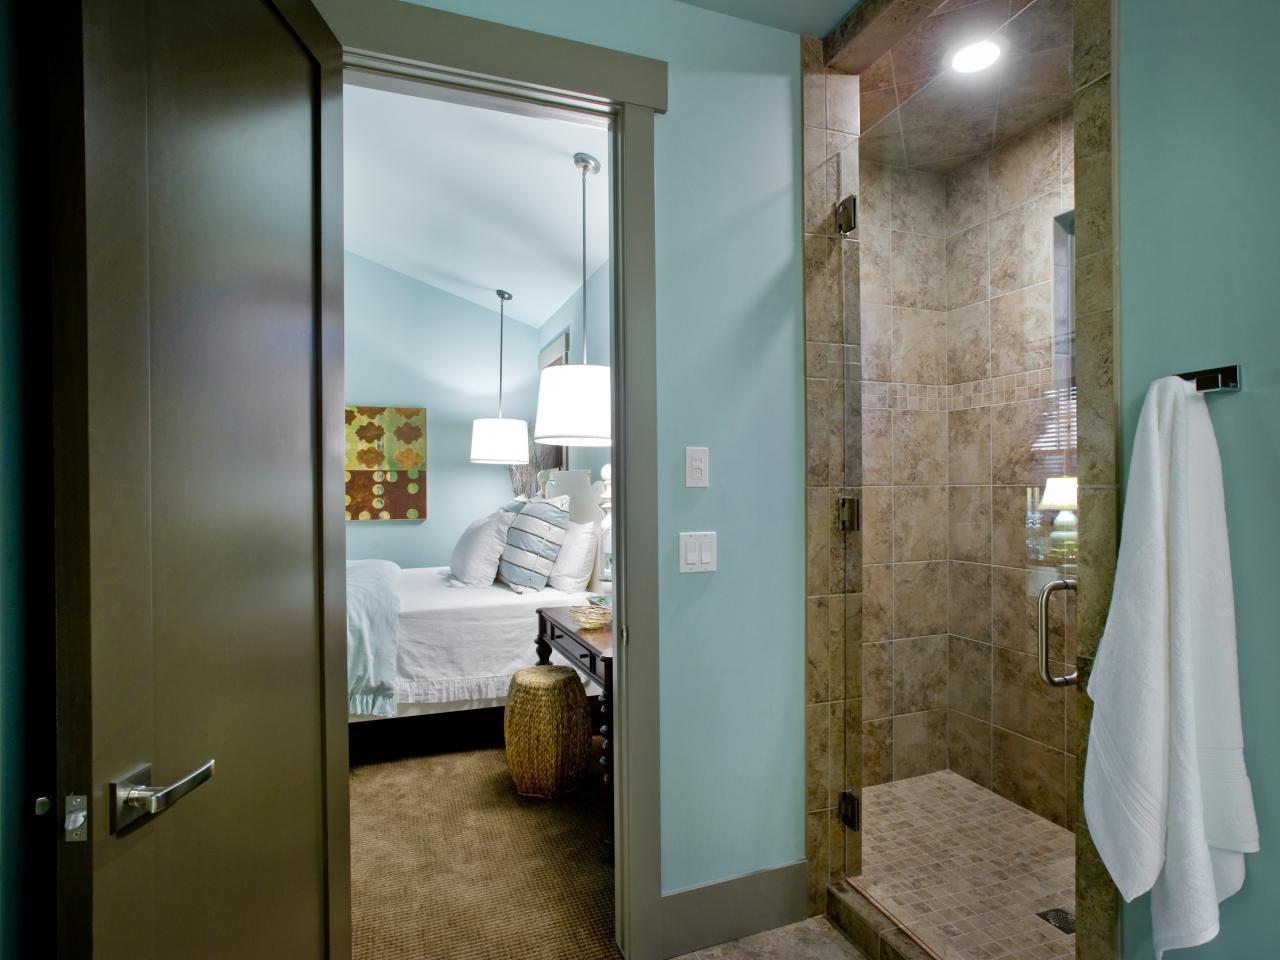 04-DH2012_Guest-Bedroom-1-Bath-Shower_s4x3.jpg.rend.hgtvcom.1280.960